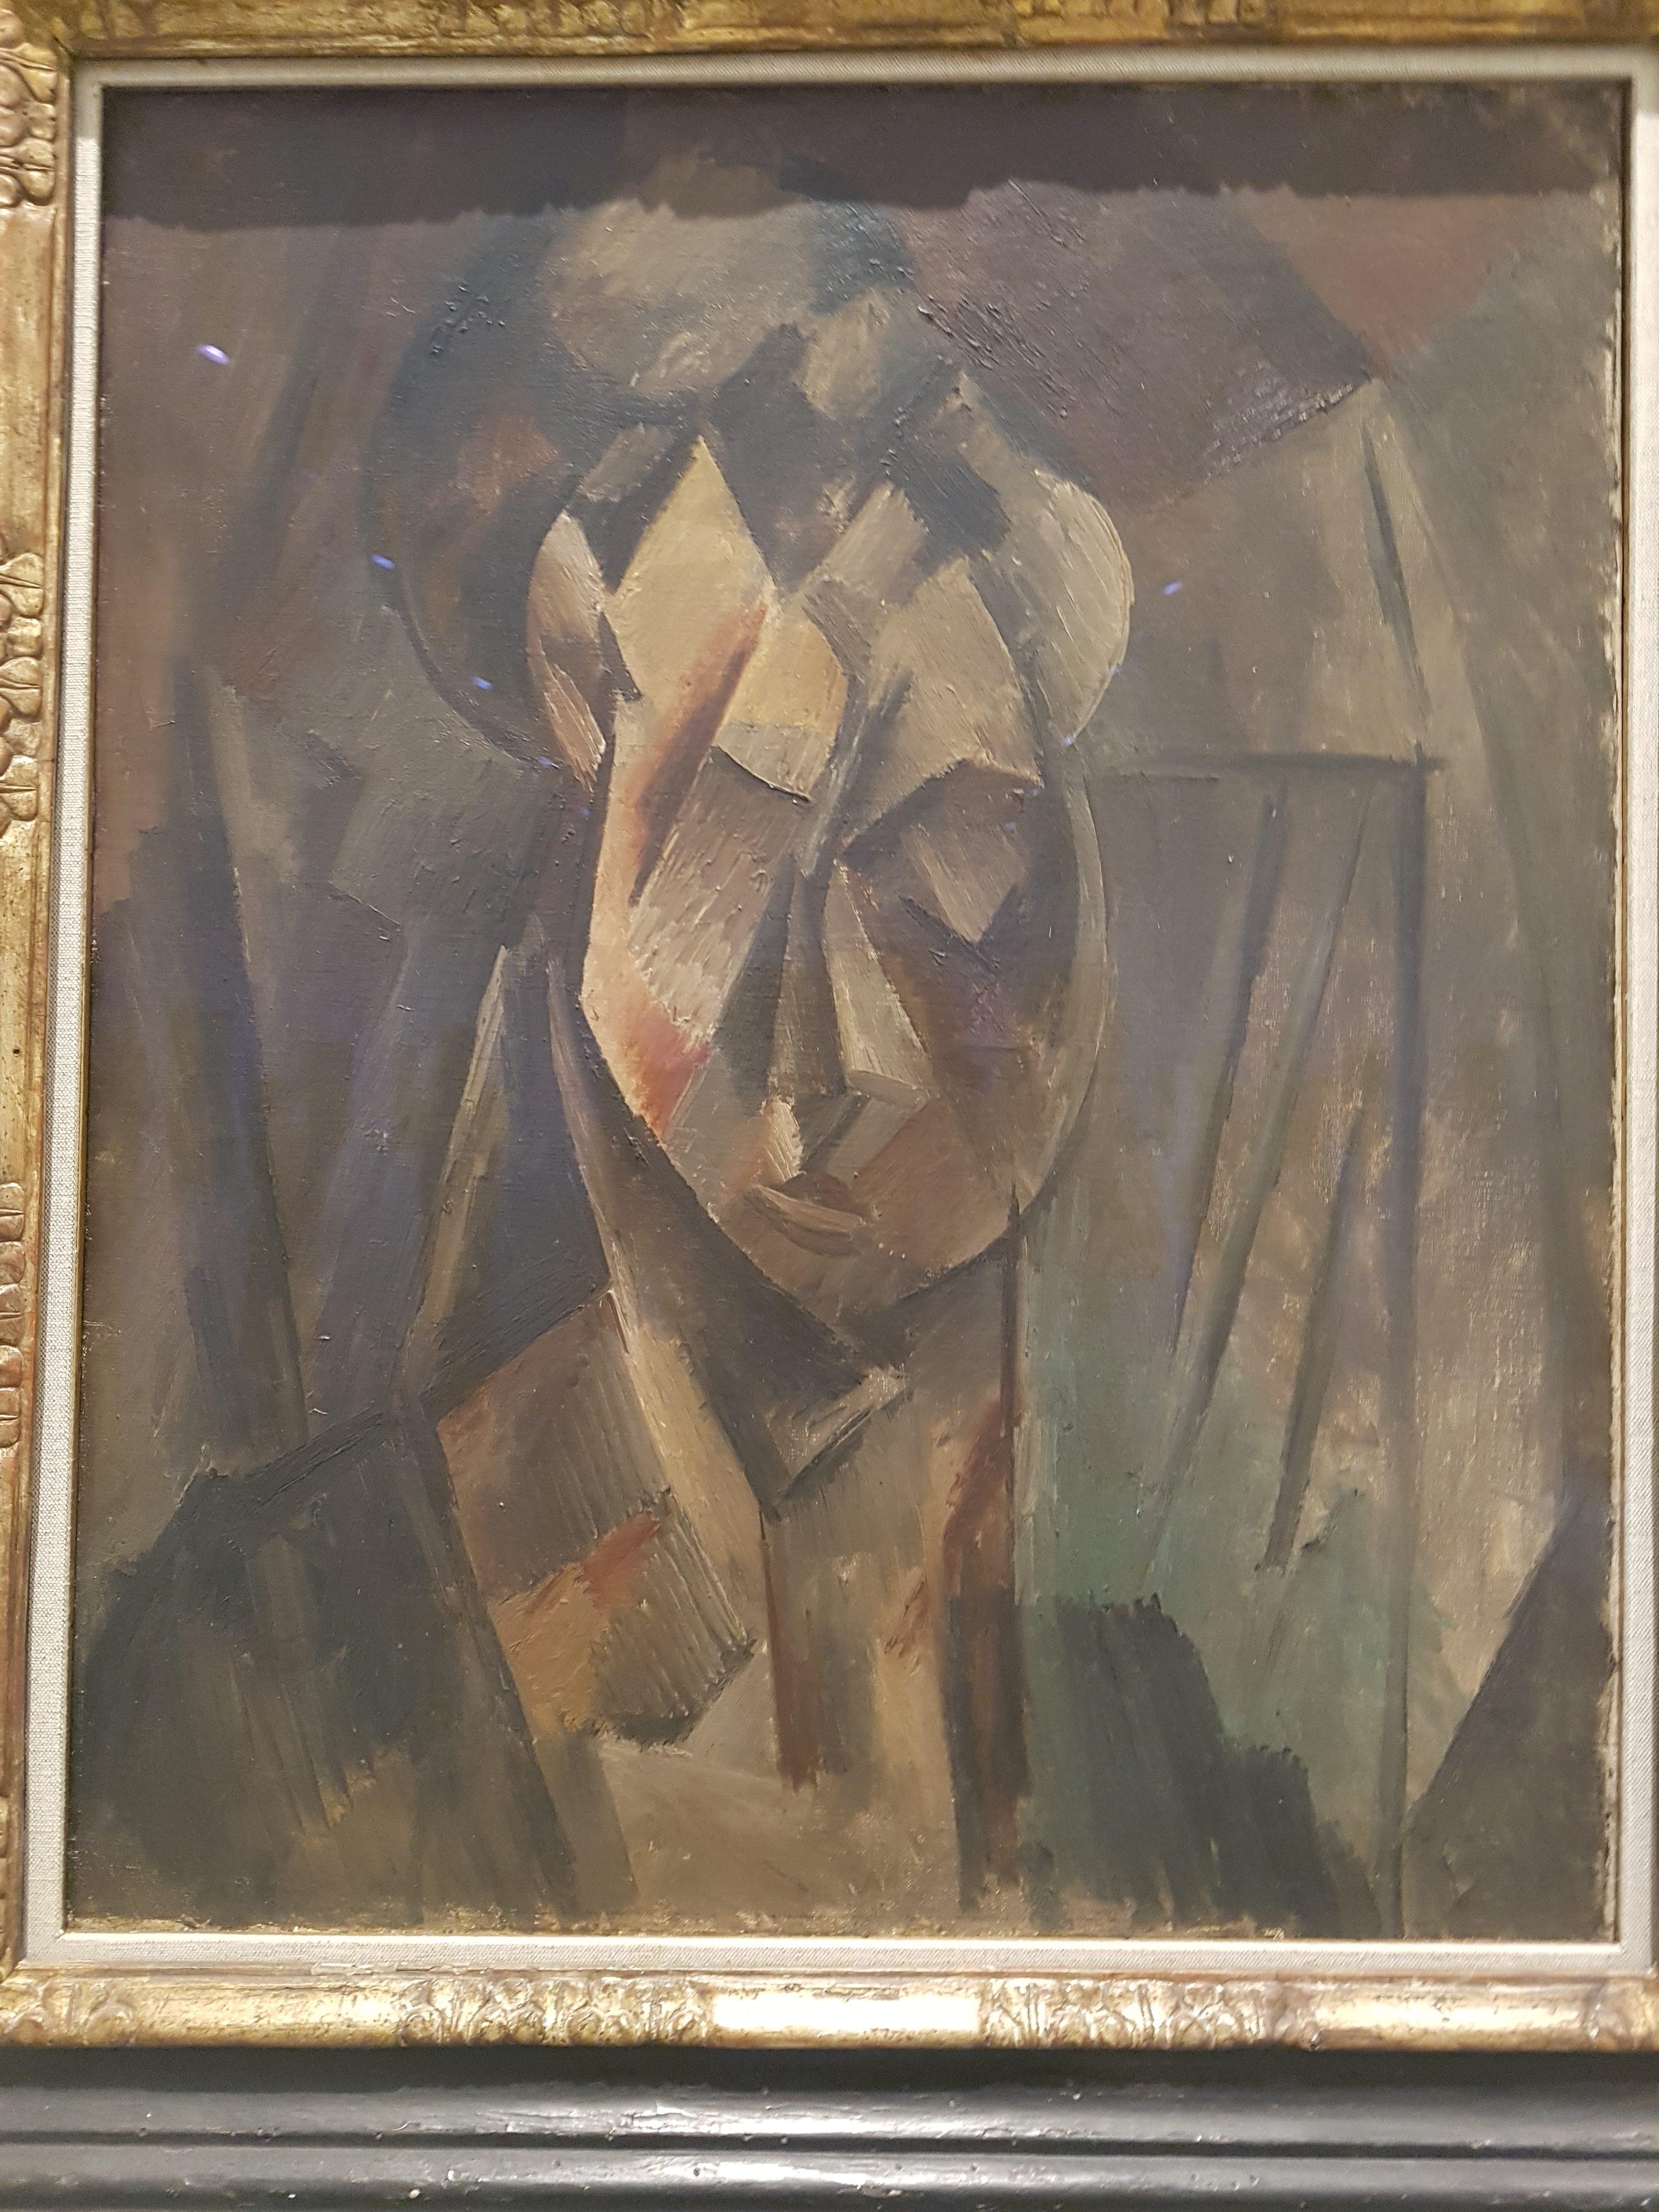 Retrato de Fernande Olivier